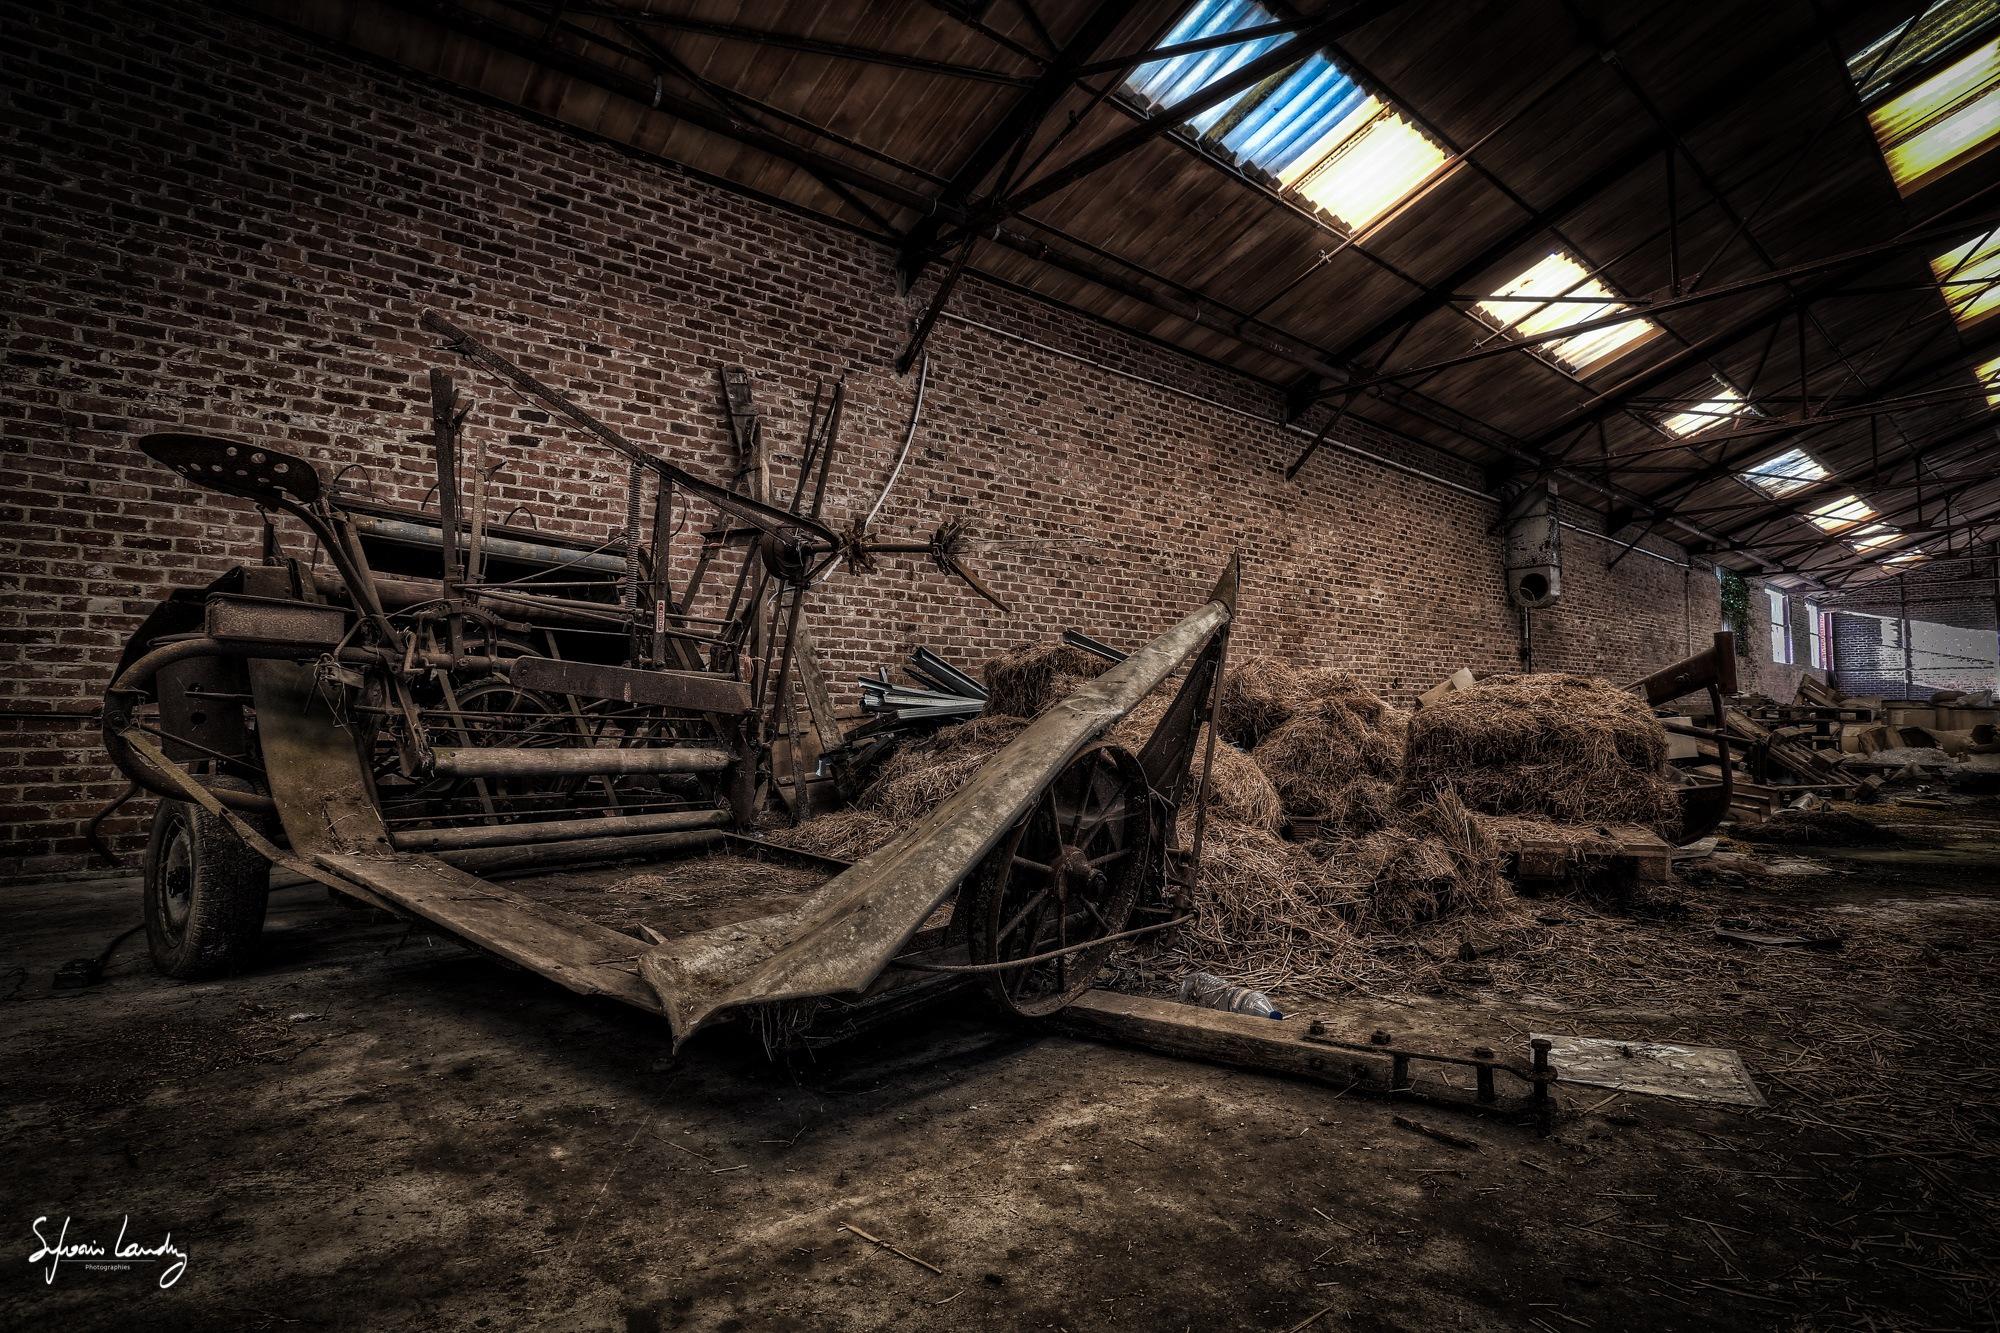 Urbex friche industrielle en belgique by Sylvain LANDRY